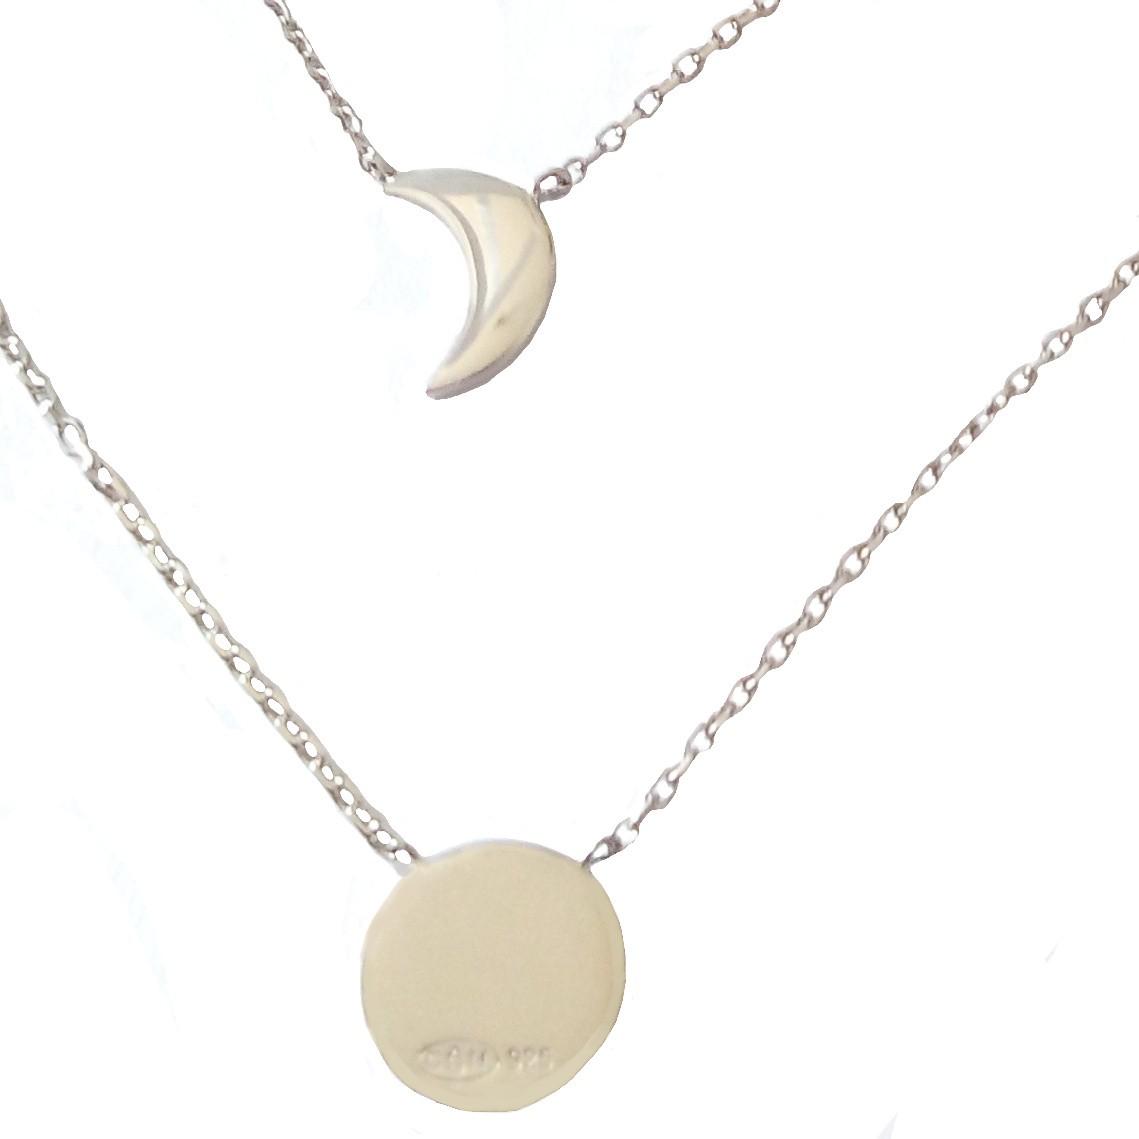 Fashion cristaux or Lune et breloque étoile deux chaînes en or Collier